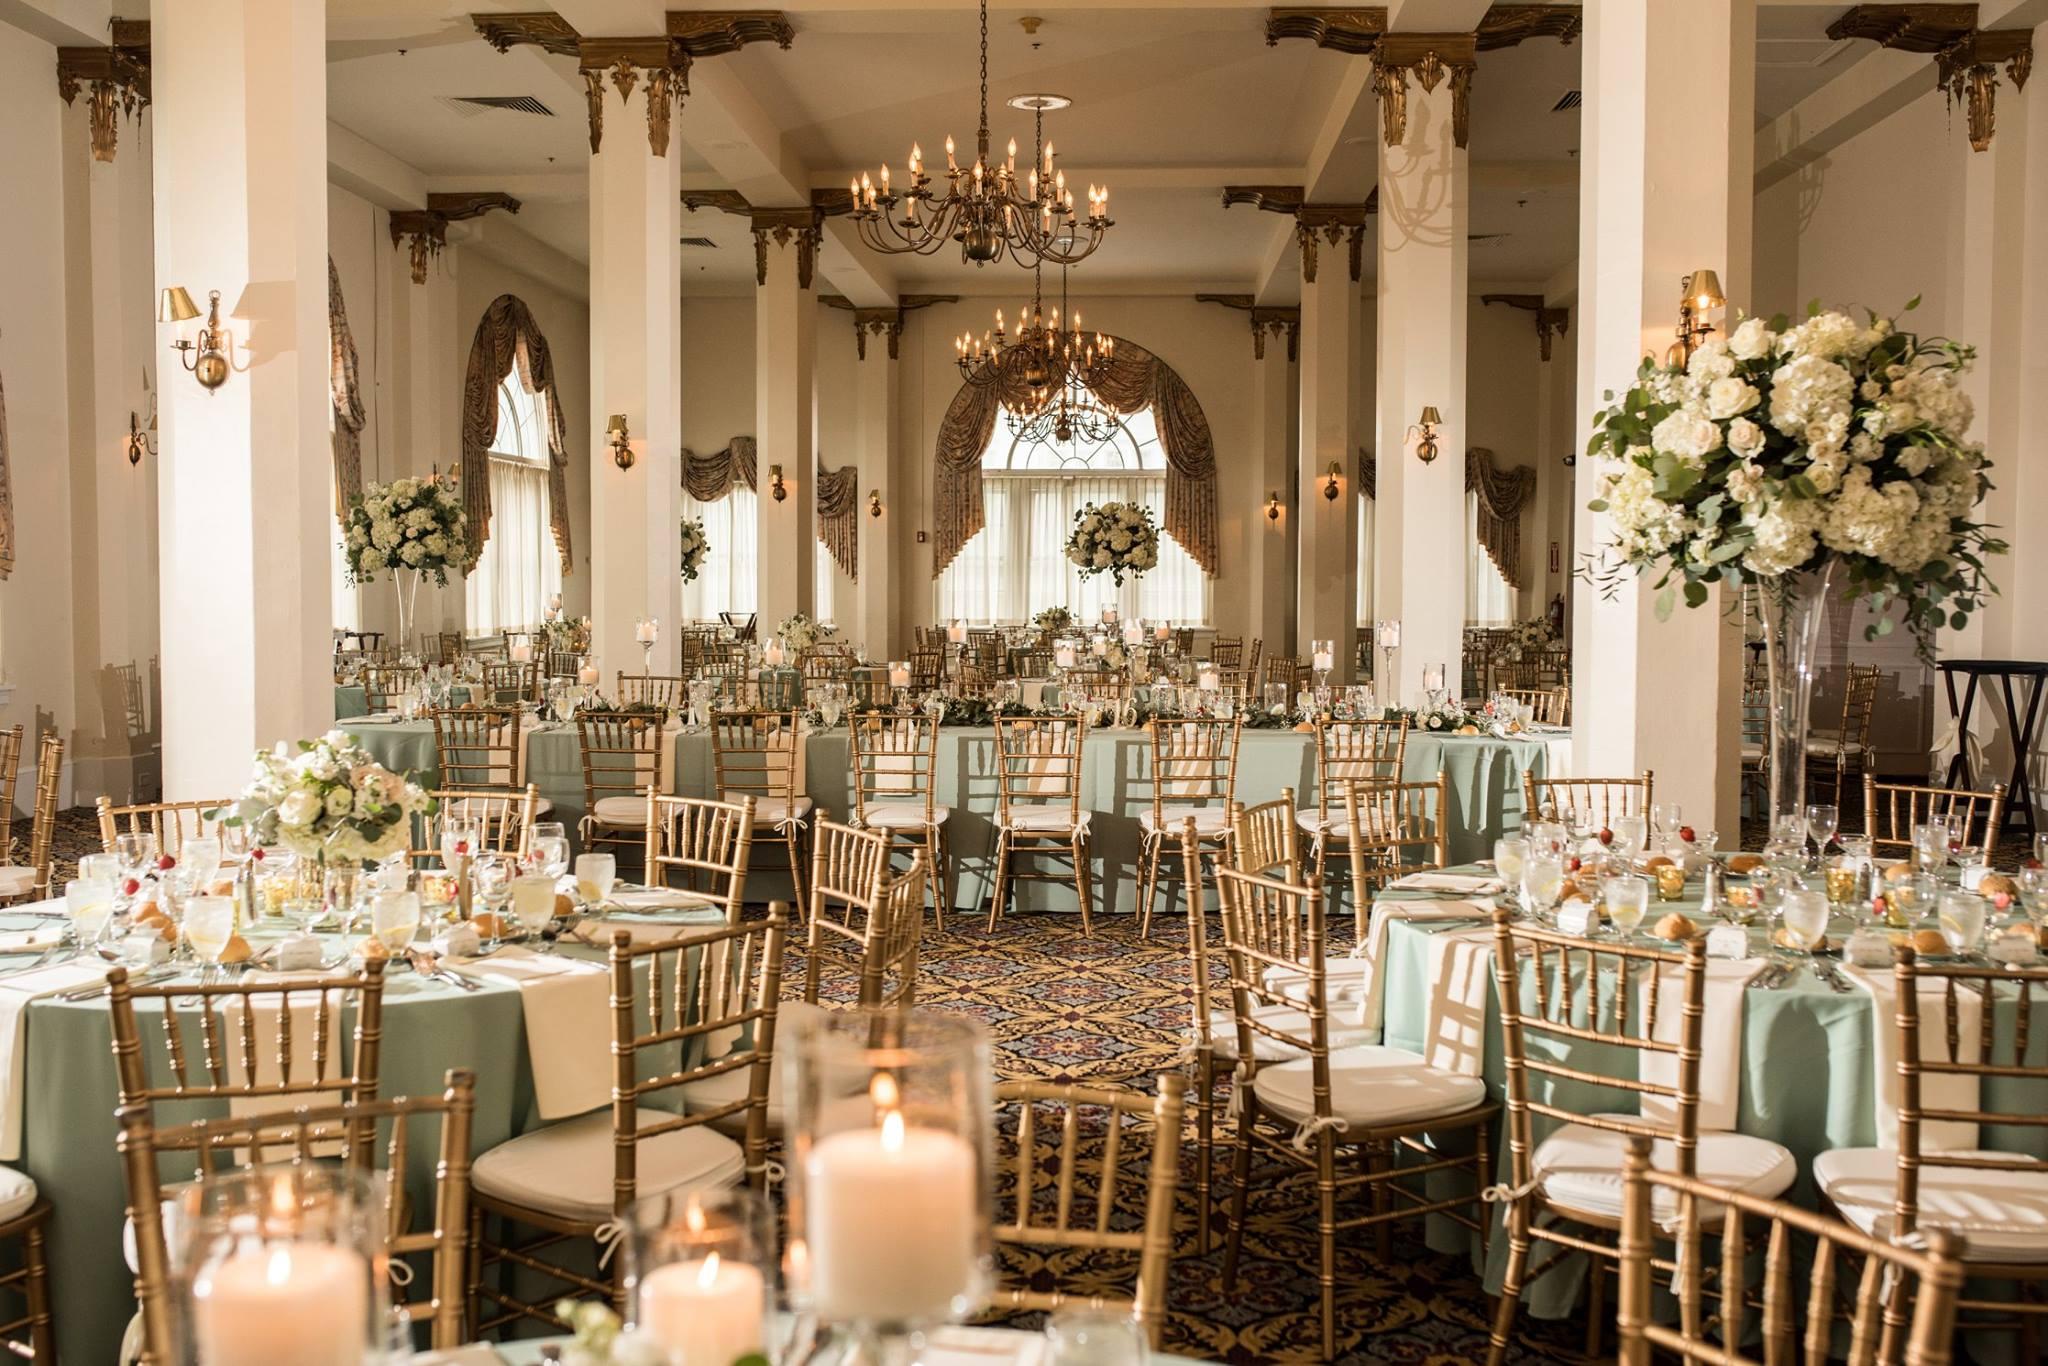 Ocean City and Jersey Shore Wedding Venue   The Flanders Hotel